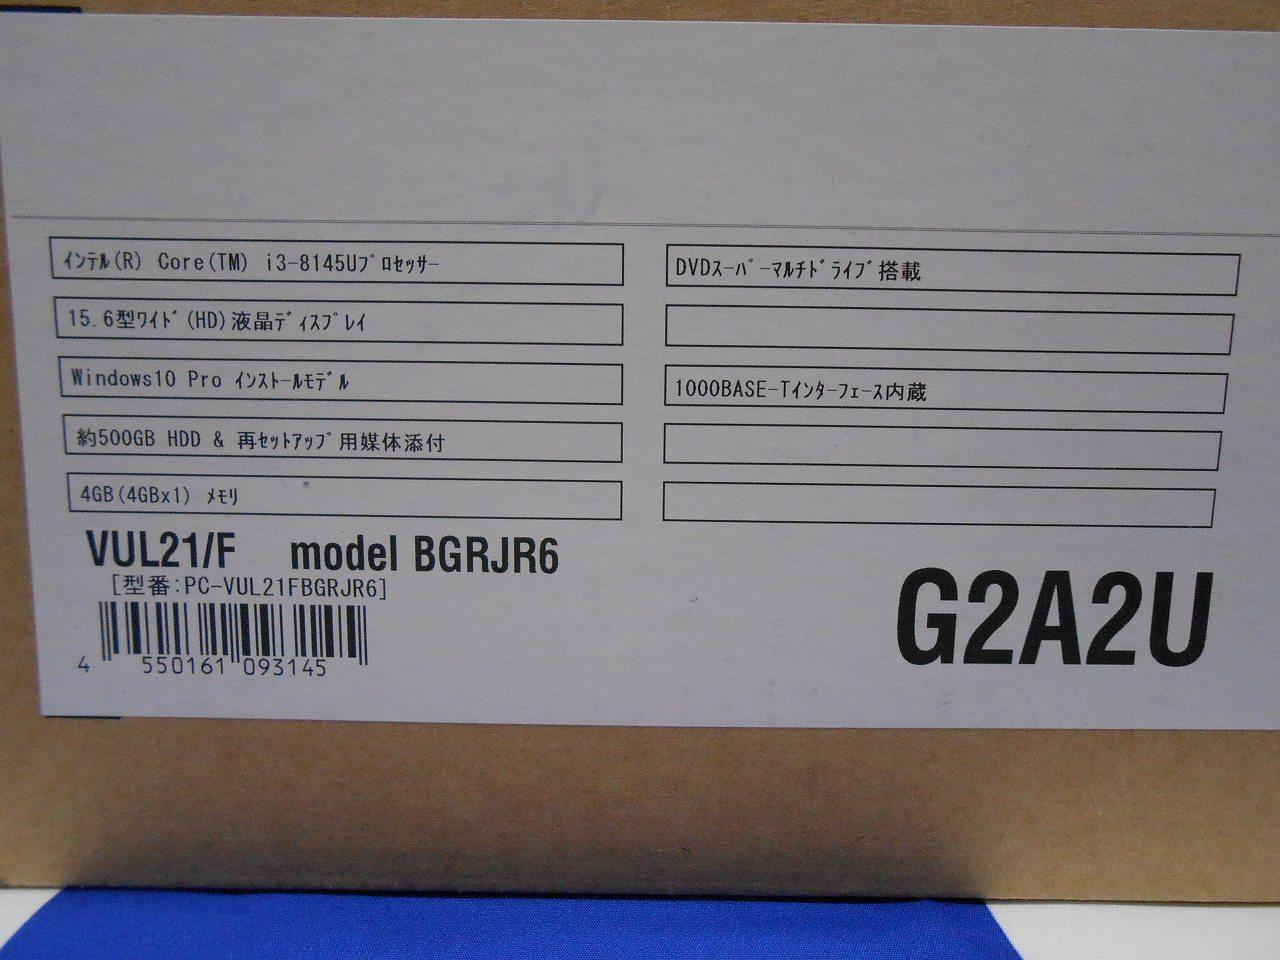 【新品未使用品】NEC VersaPro VUL21/F/2020年モデル/Corei3 8145U 2.1GHz/メモリ4GB/SATA500GB/15インチ/Windows10Pro【3ヶ月保証】【足立店発送】